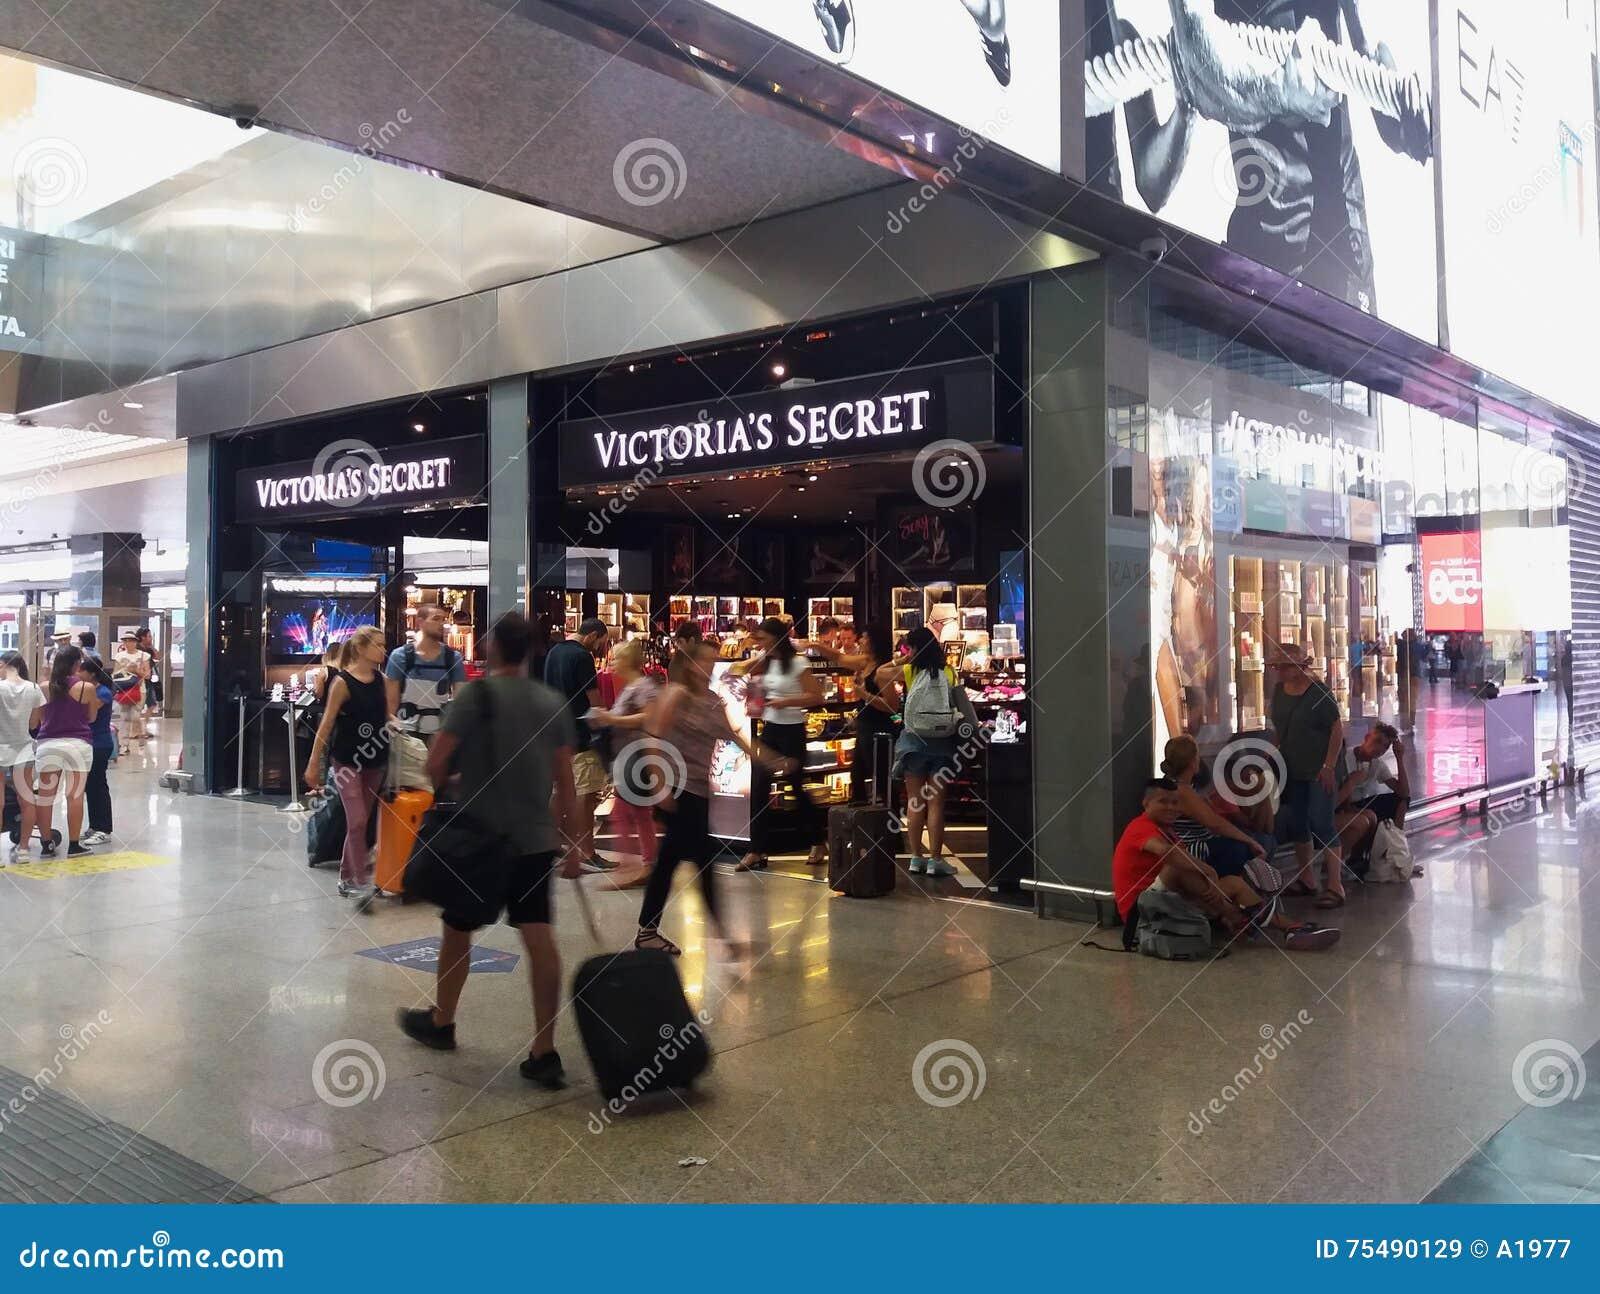 f12683e94 ROME, ITALY - CIRCA JULY 2016: Victoria's Secret brand store in Rome in  Rome, Italy